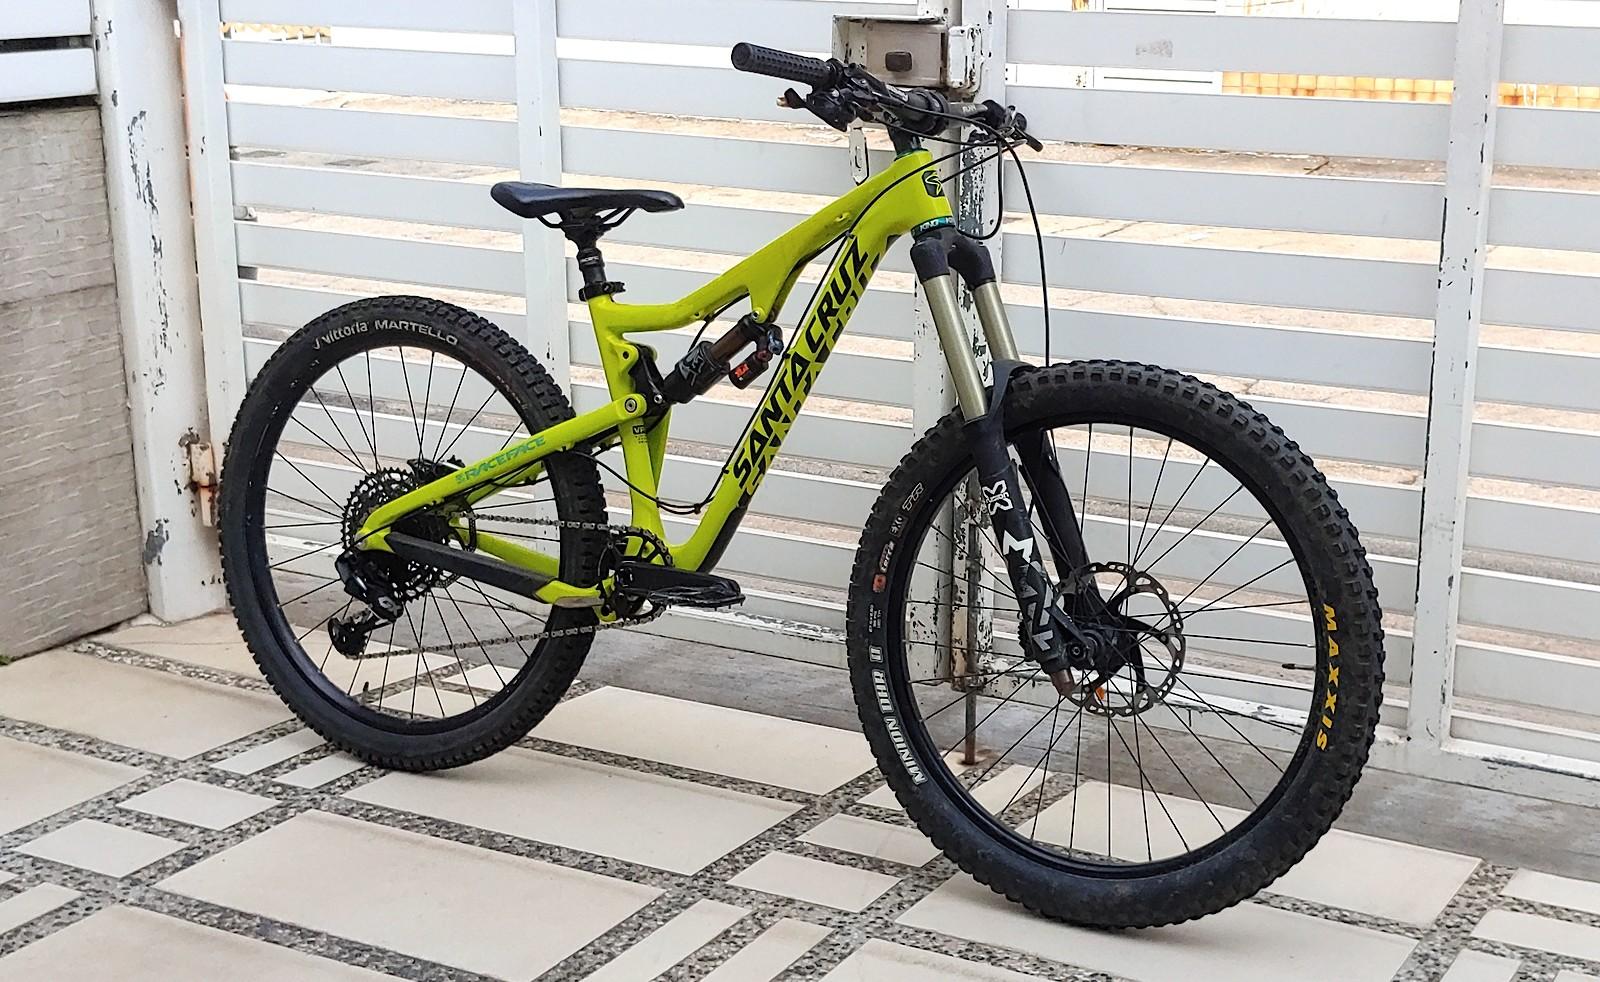 SANTA CRUZ BRONSON C | ZEROMON Tuning™ Custom Enduro Bike